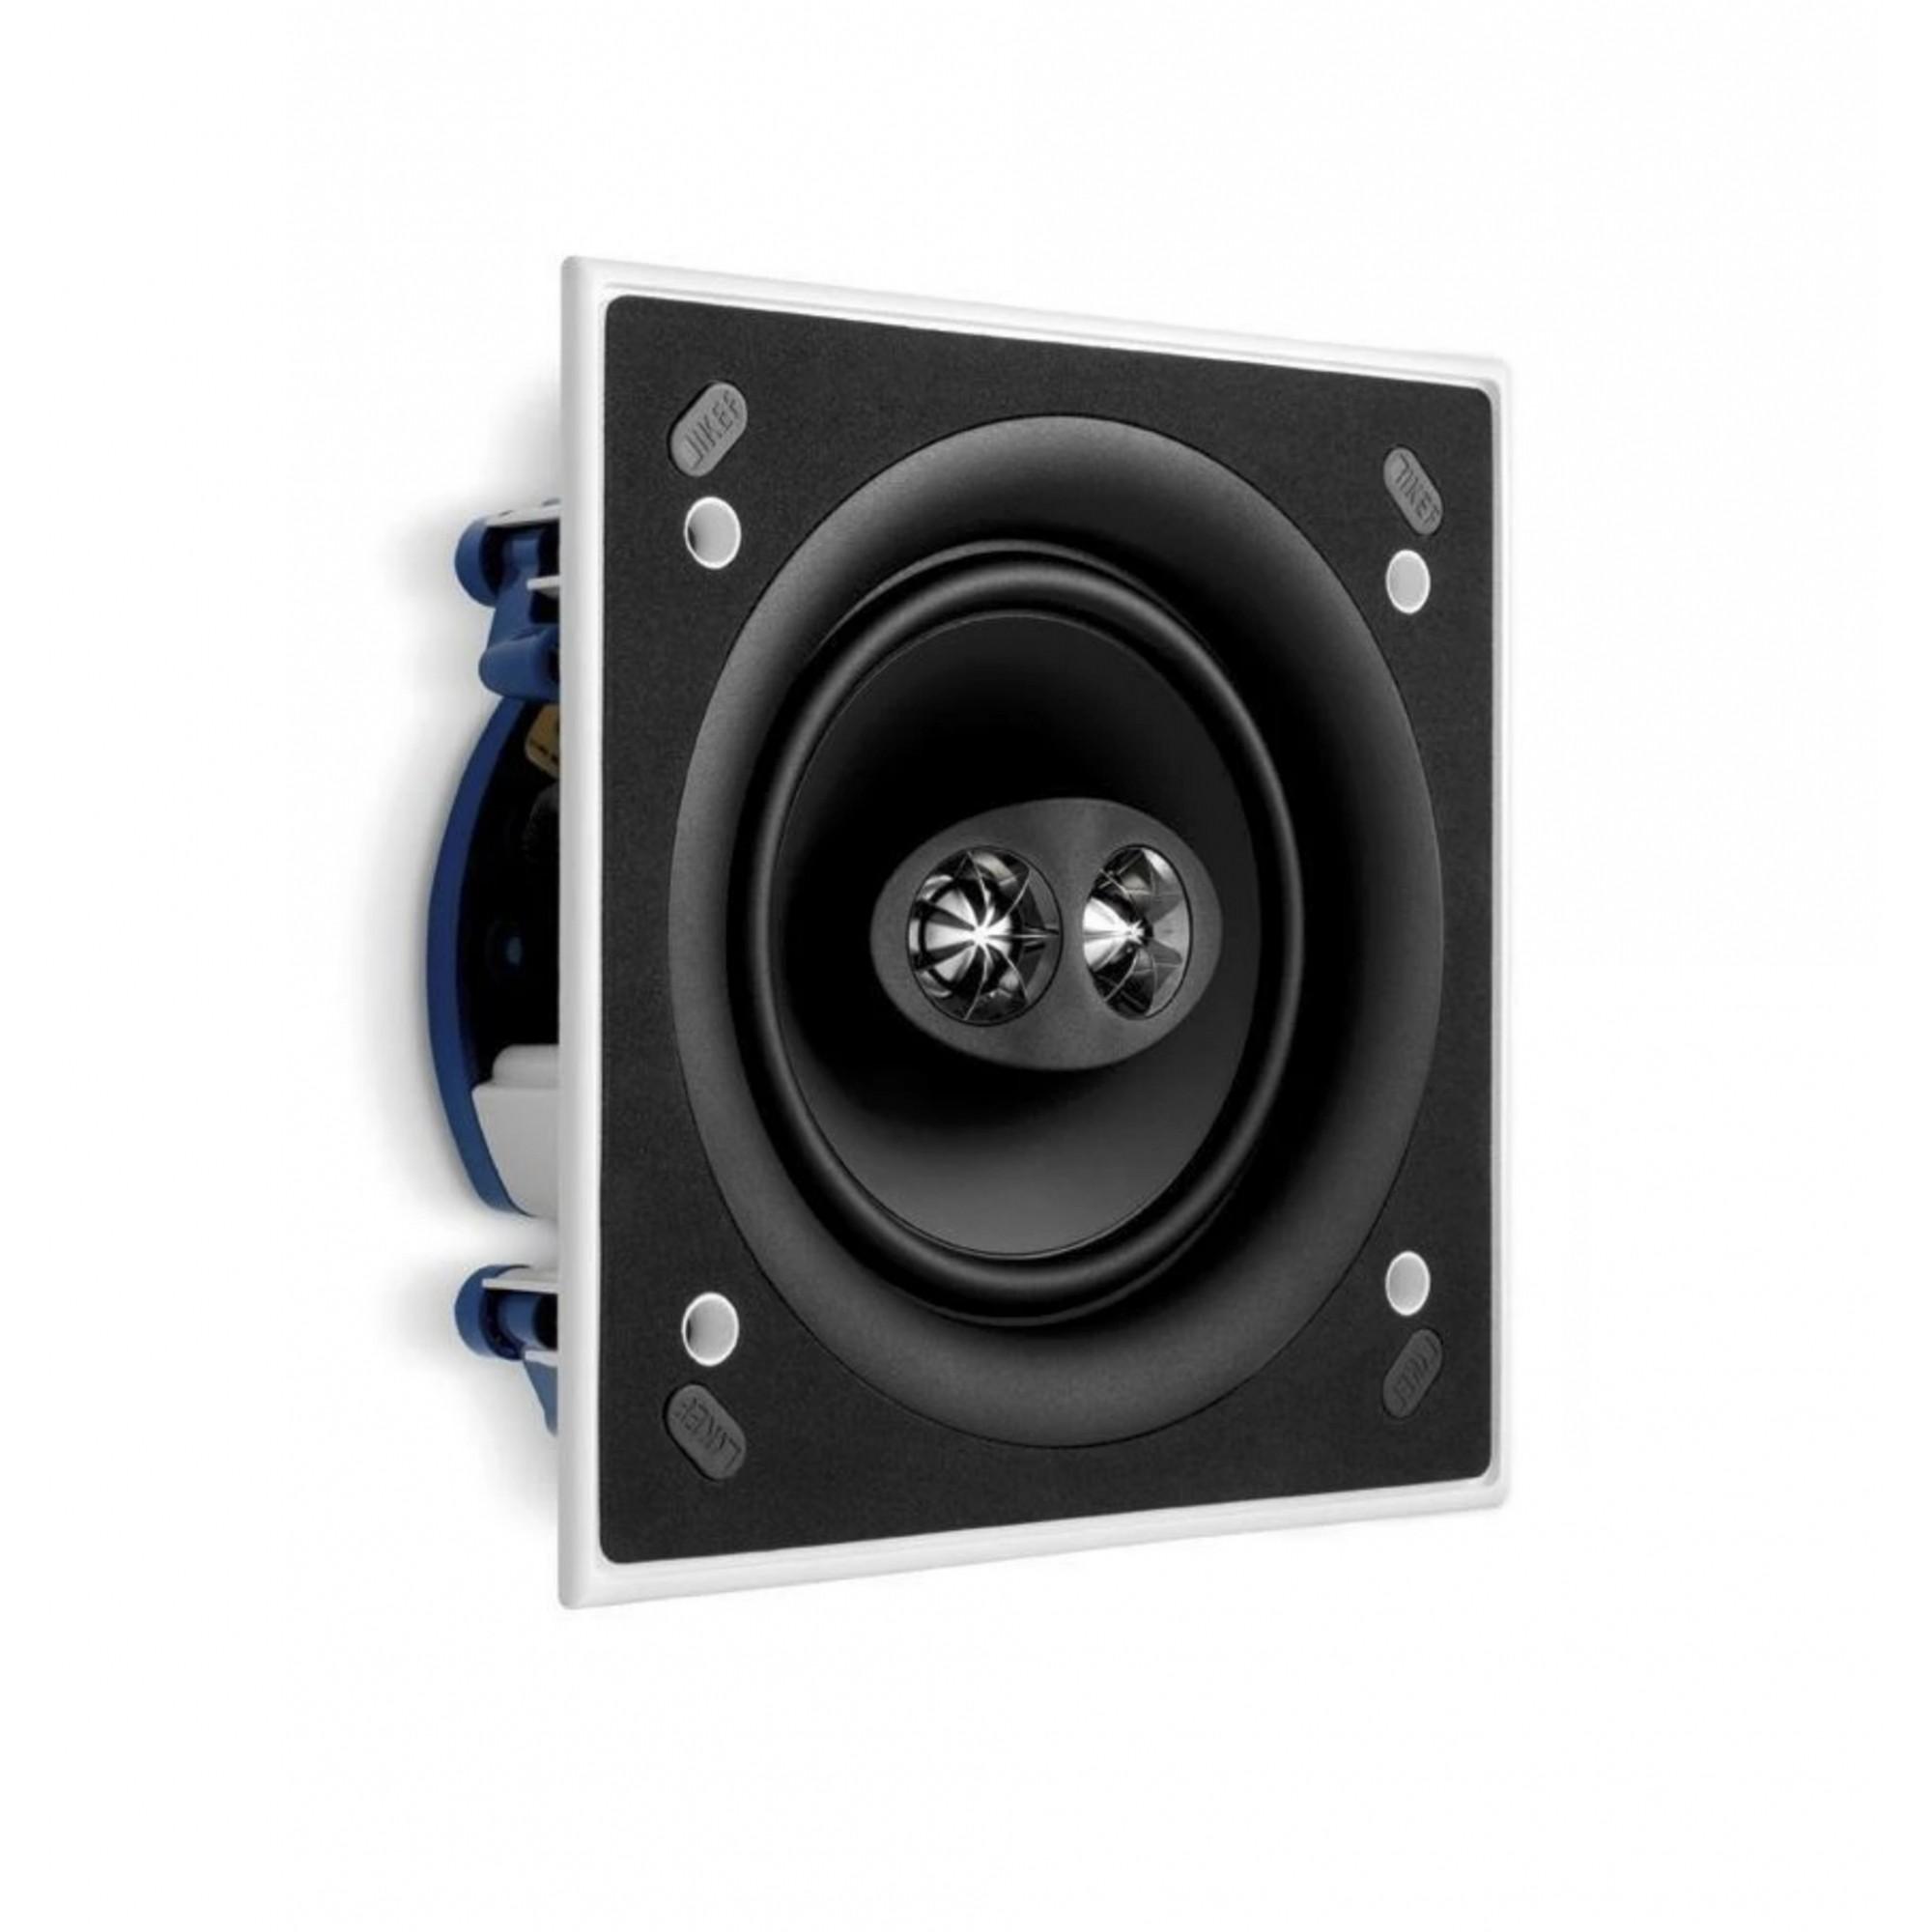 Kef Ci160csds Caixa Acústica som Estéreo único Alto-falante 1 Unidade